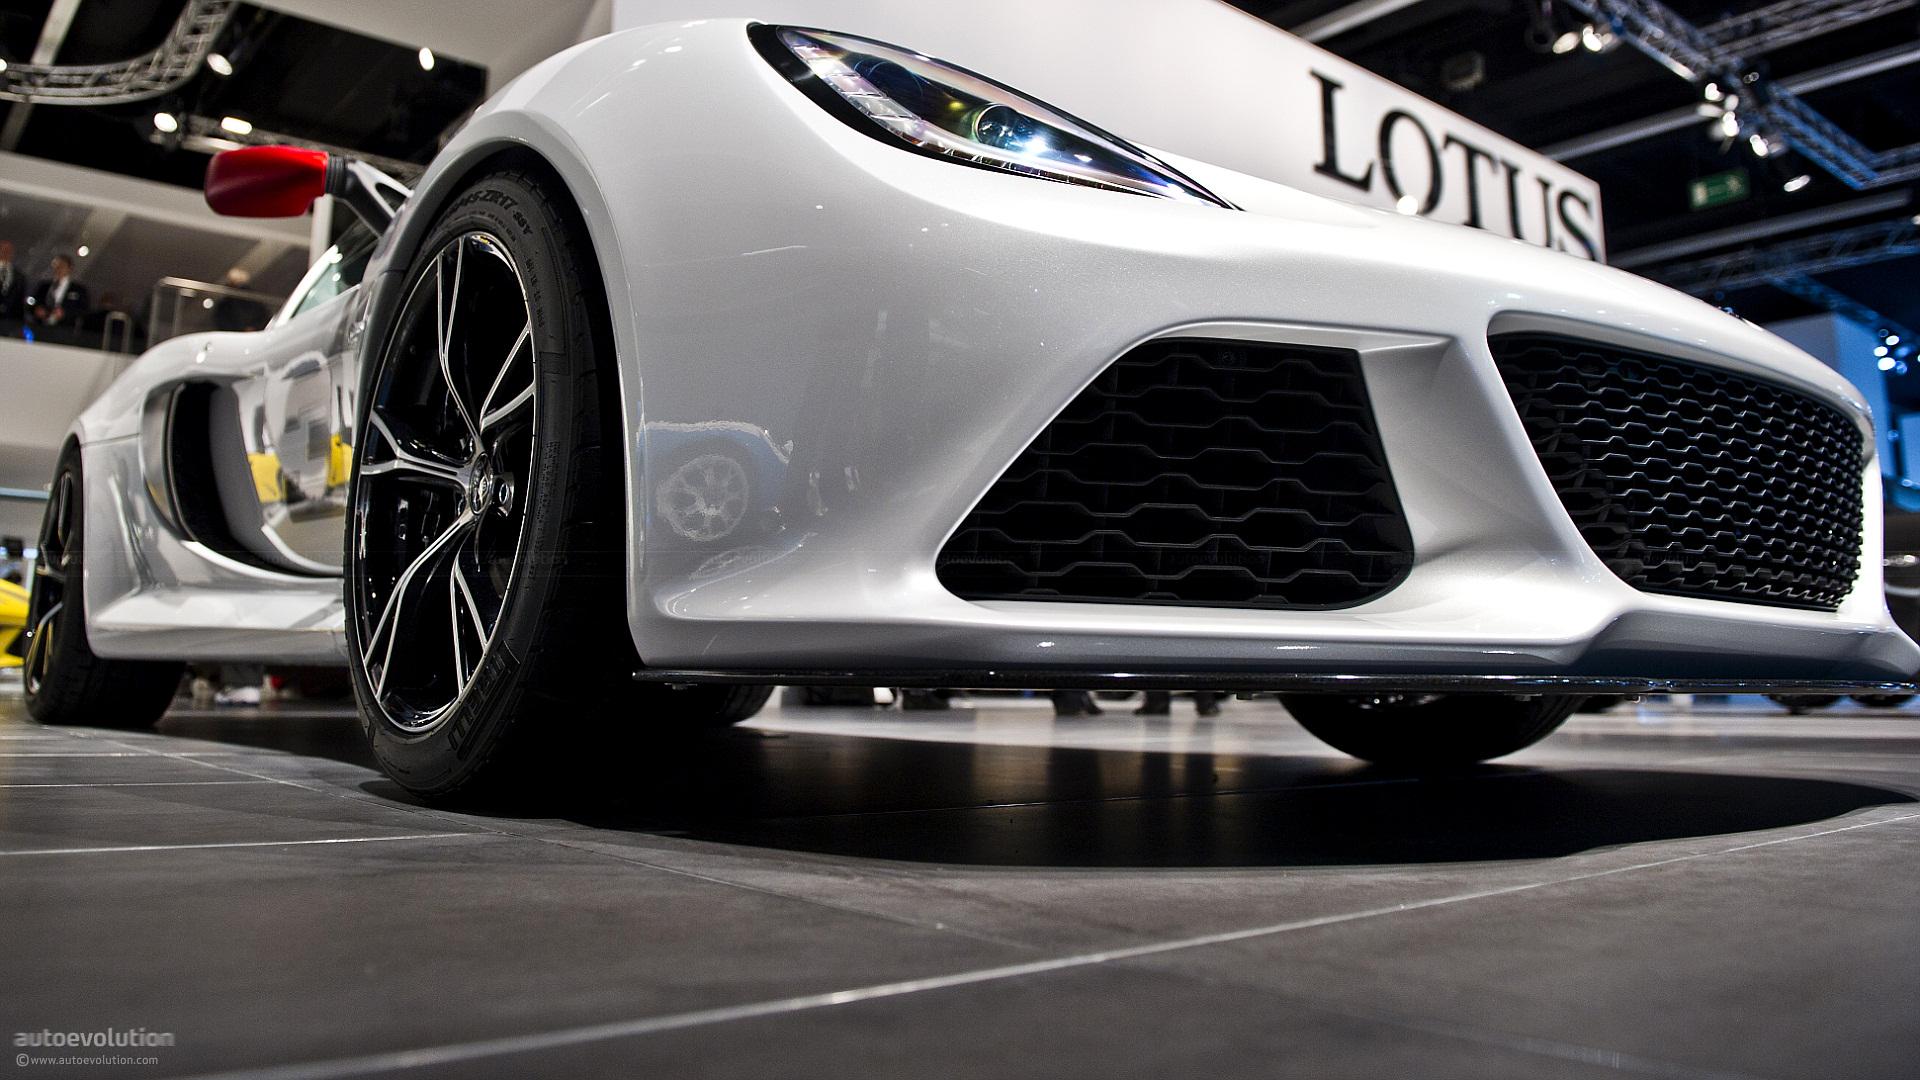 Lotus Exige S 2012 Frankfurt-2011-lotus-exige-s-with-350-hp-v6-live-photos-1080p-10